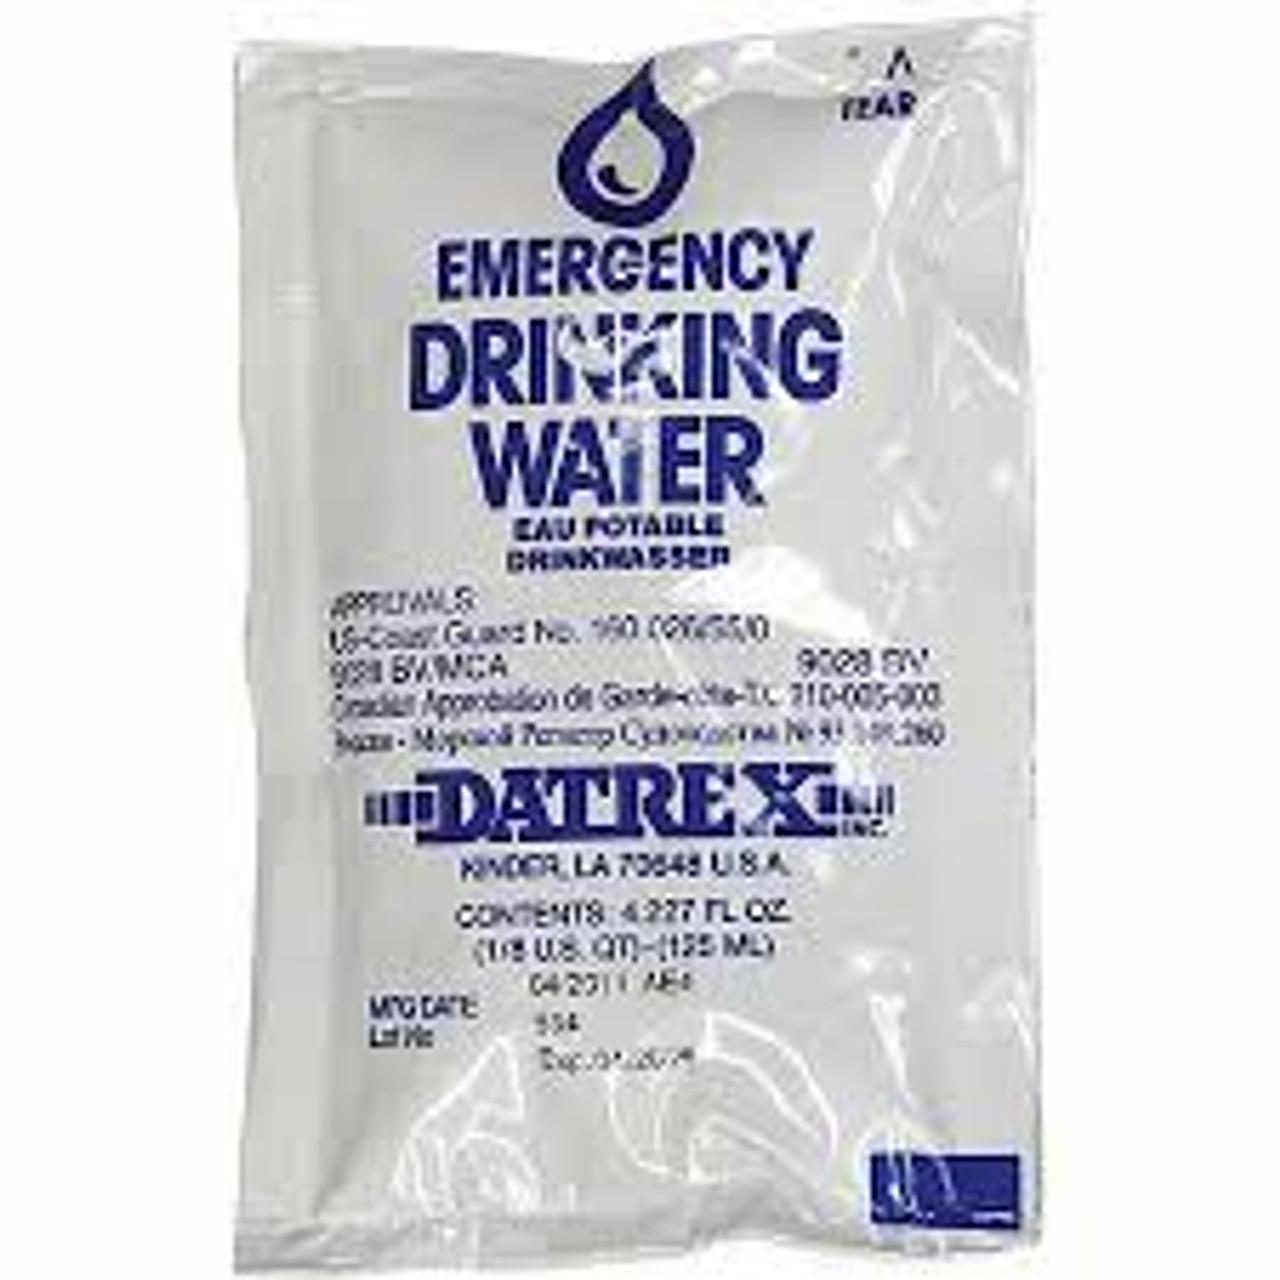 Emergency Survival Water Packs Ctn. of 64 Packs or Individual Paks